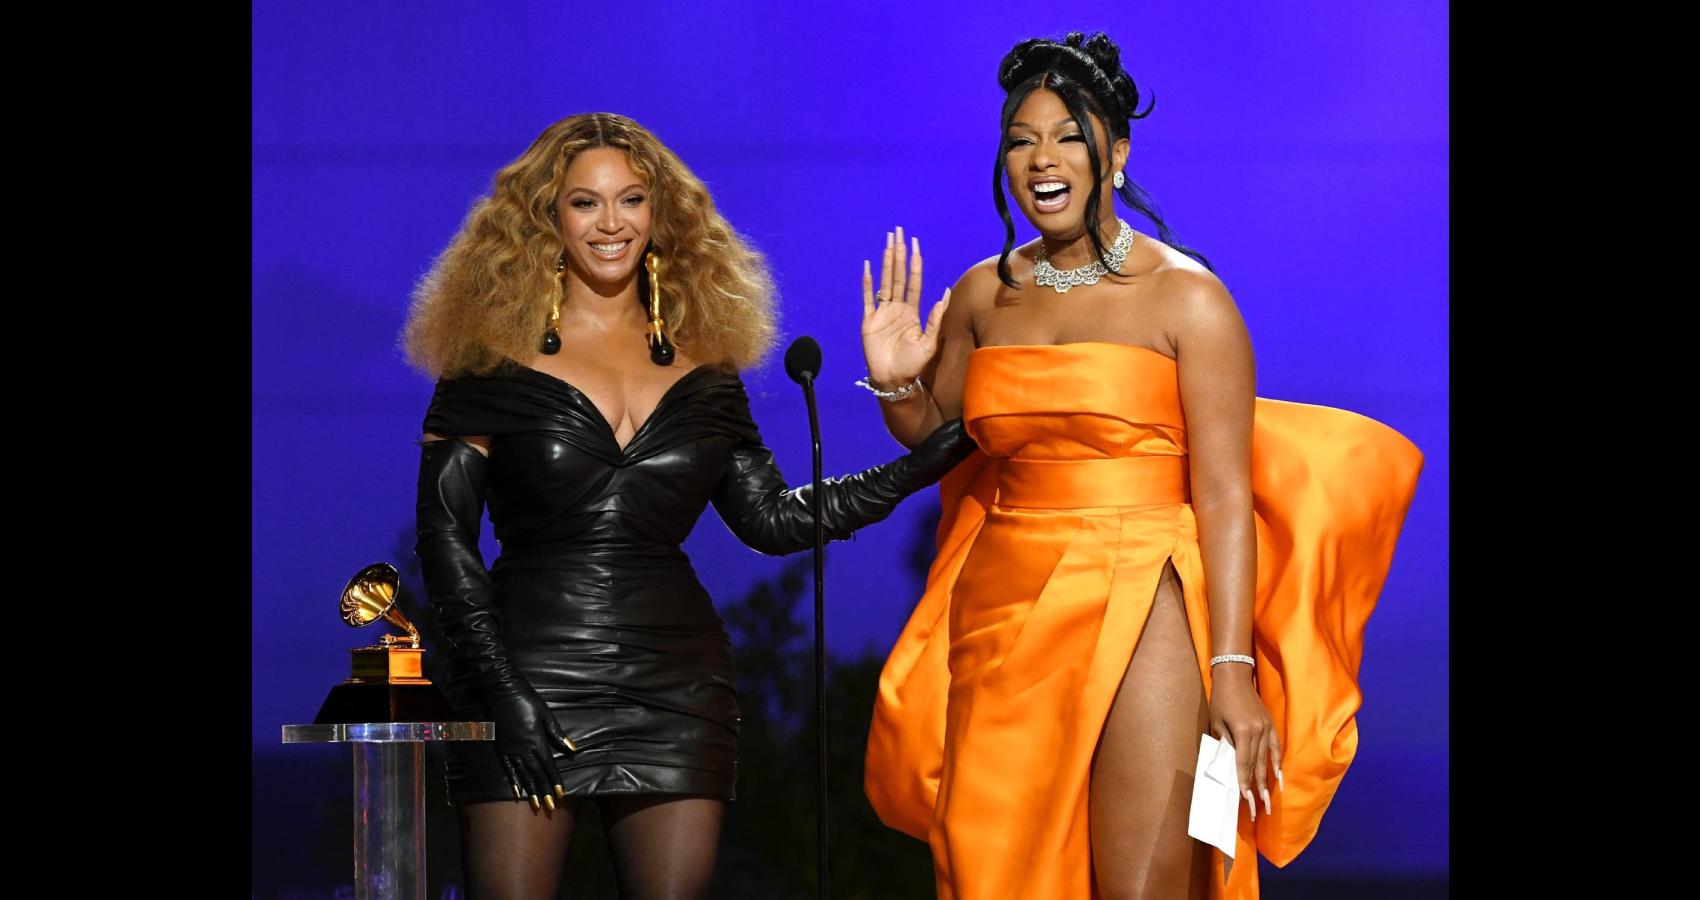 Women Rule Grammys As Beyoncé, Swift Make History